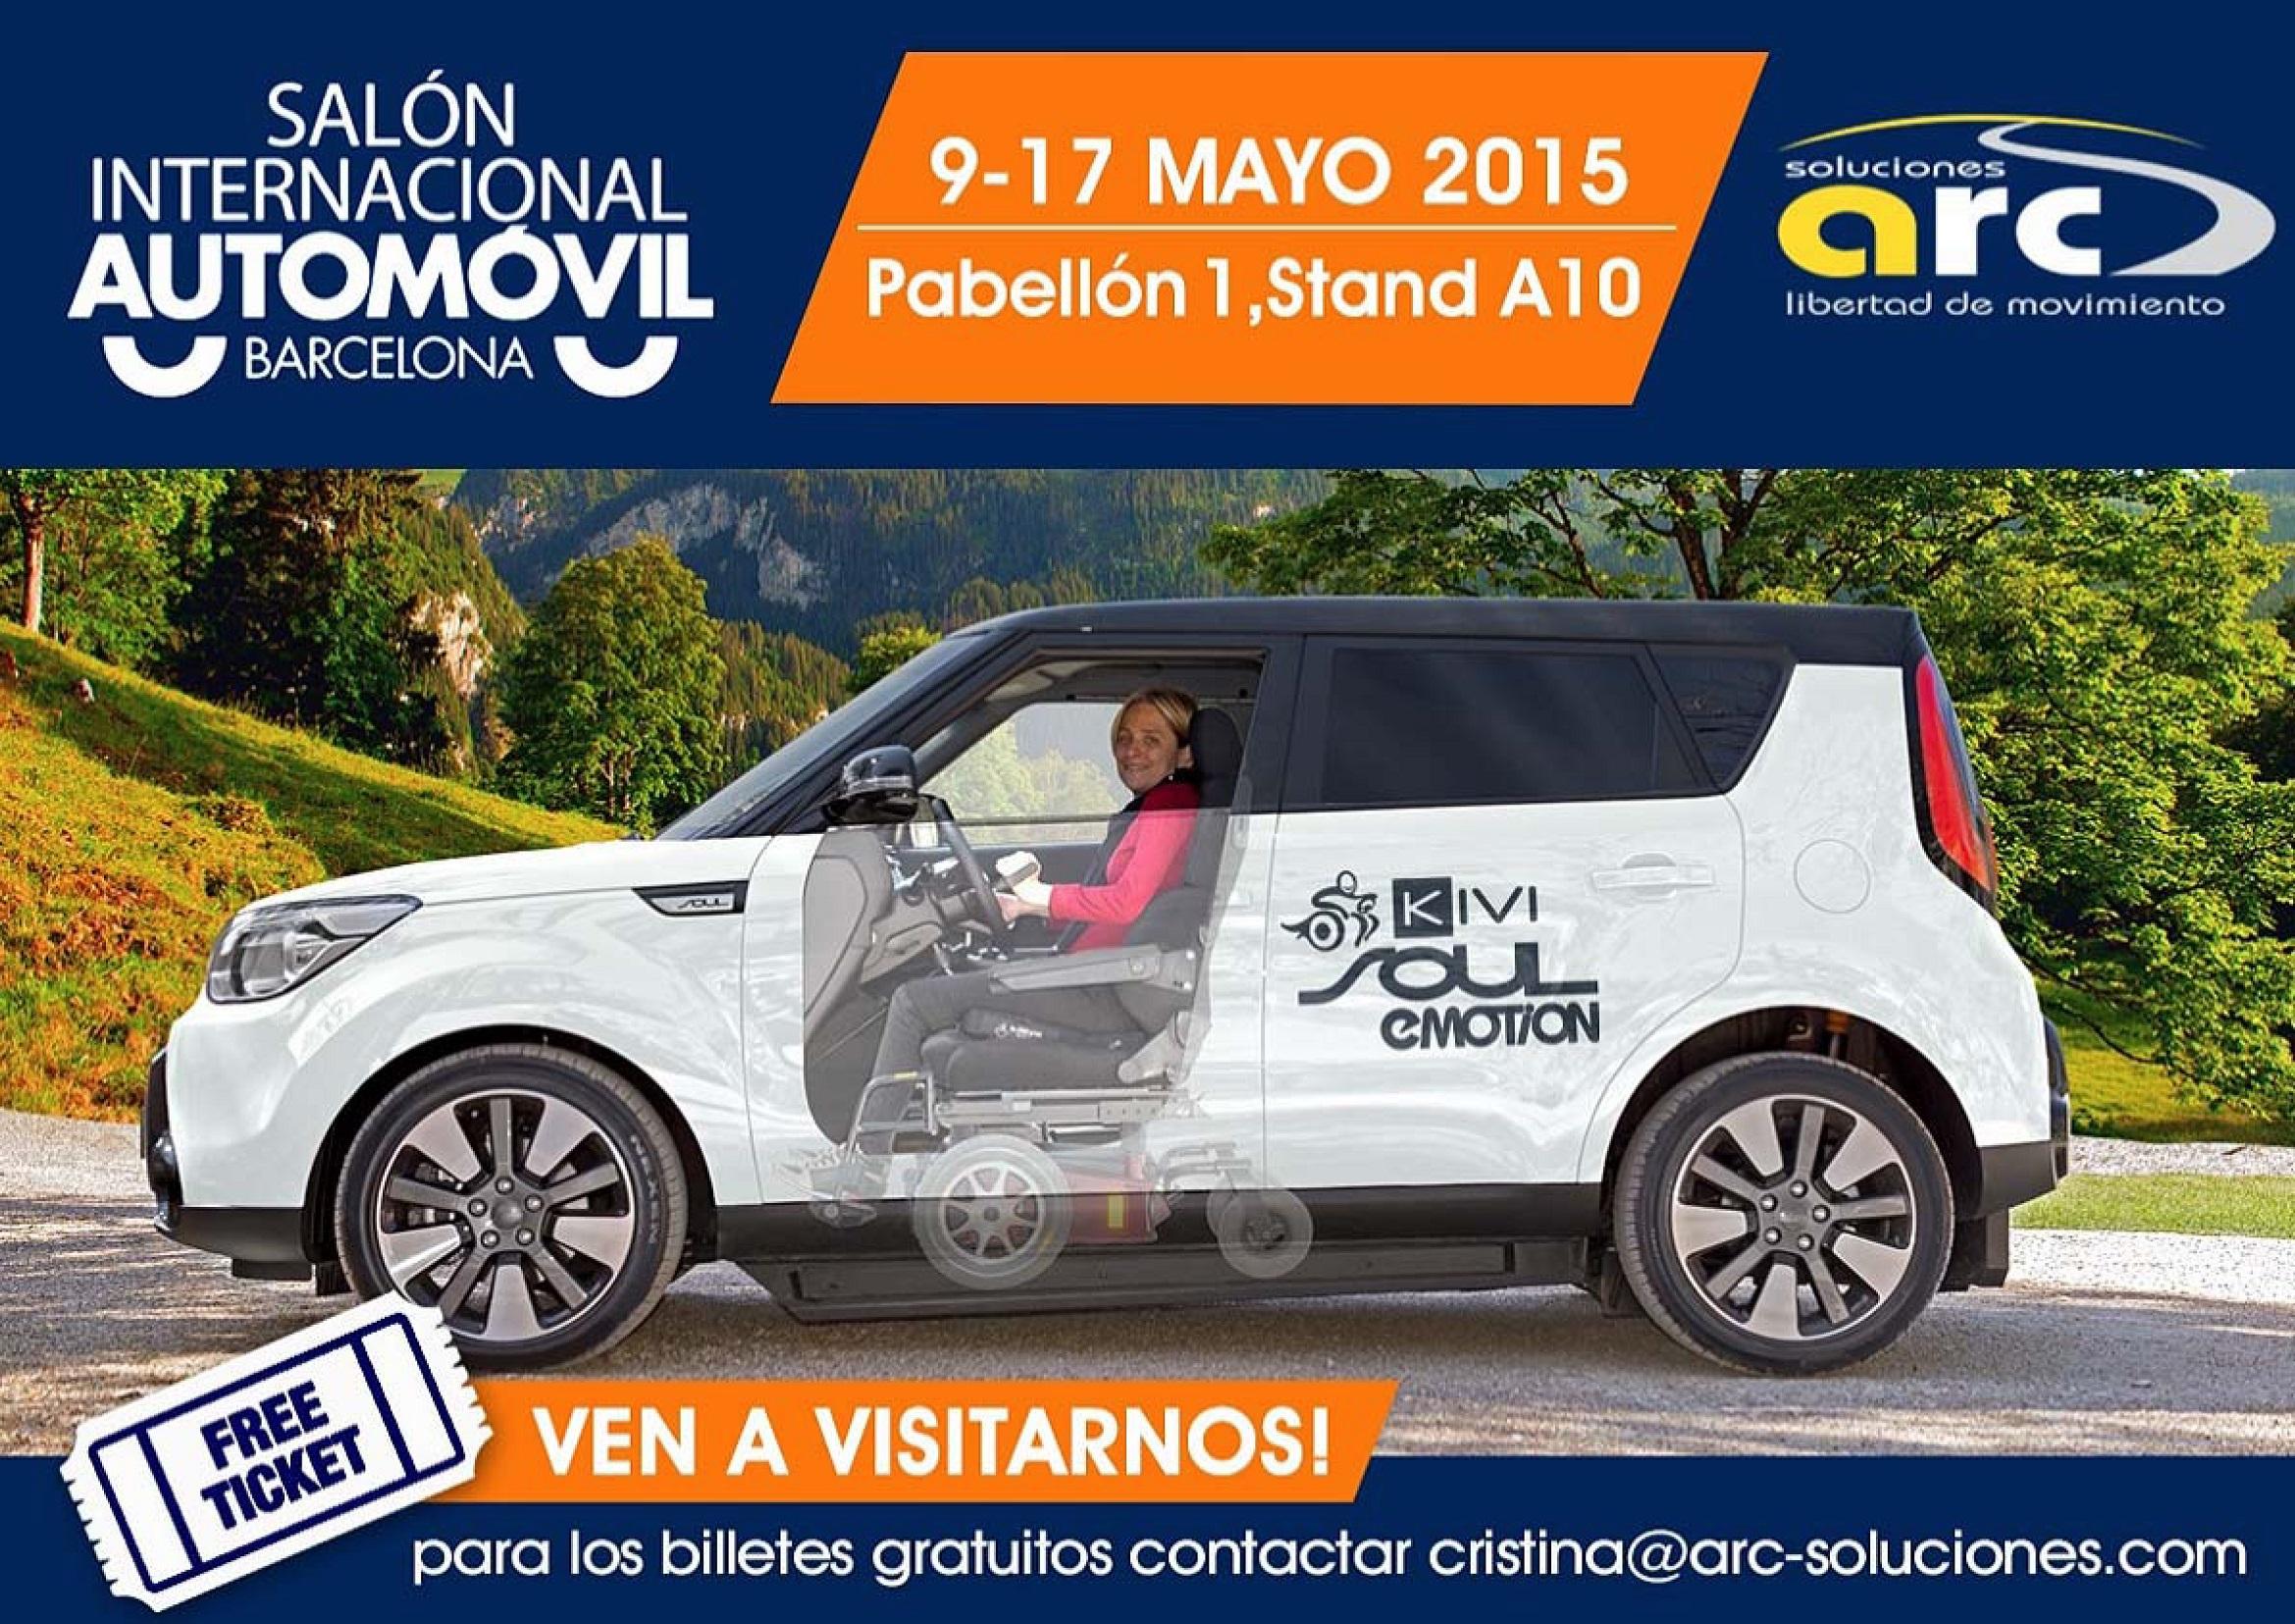 Banner publicitari ARC en el saló internacional de l'automòbil